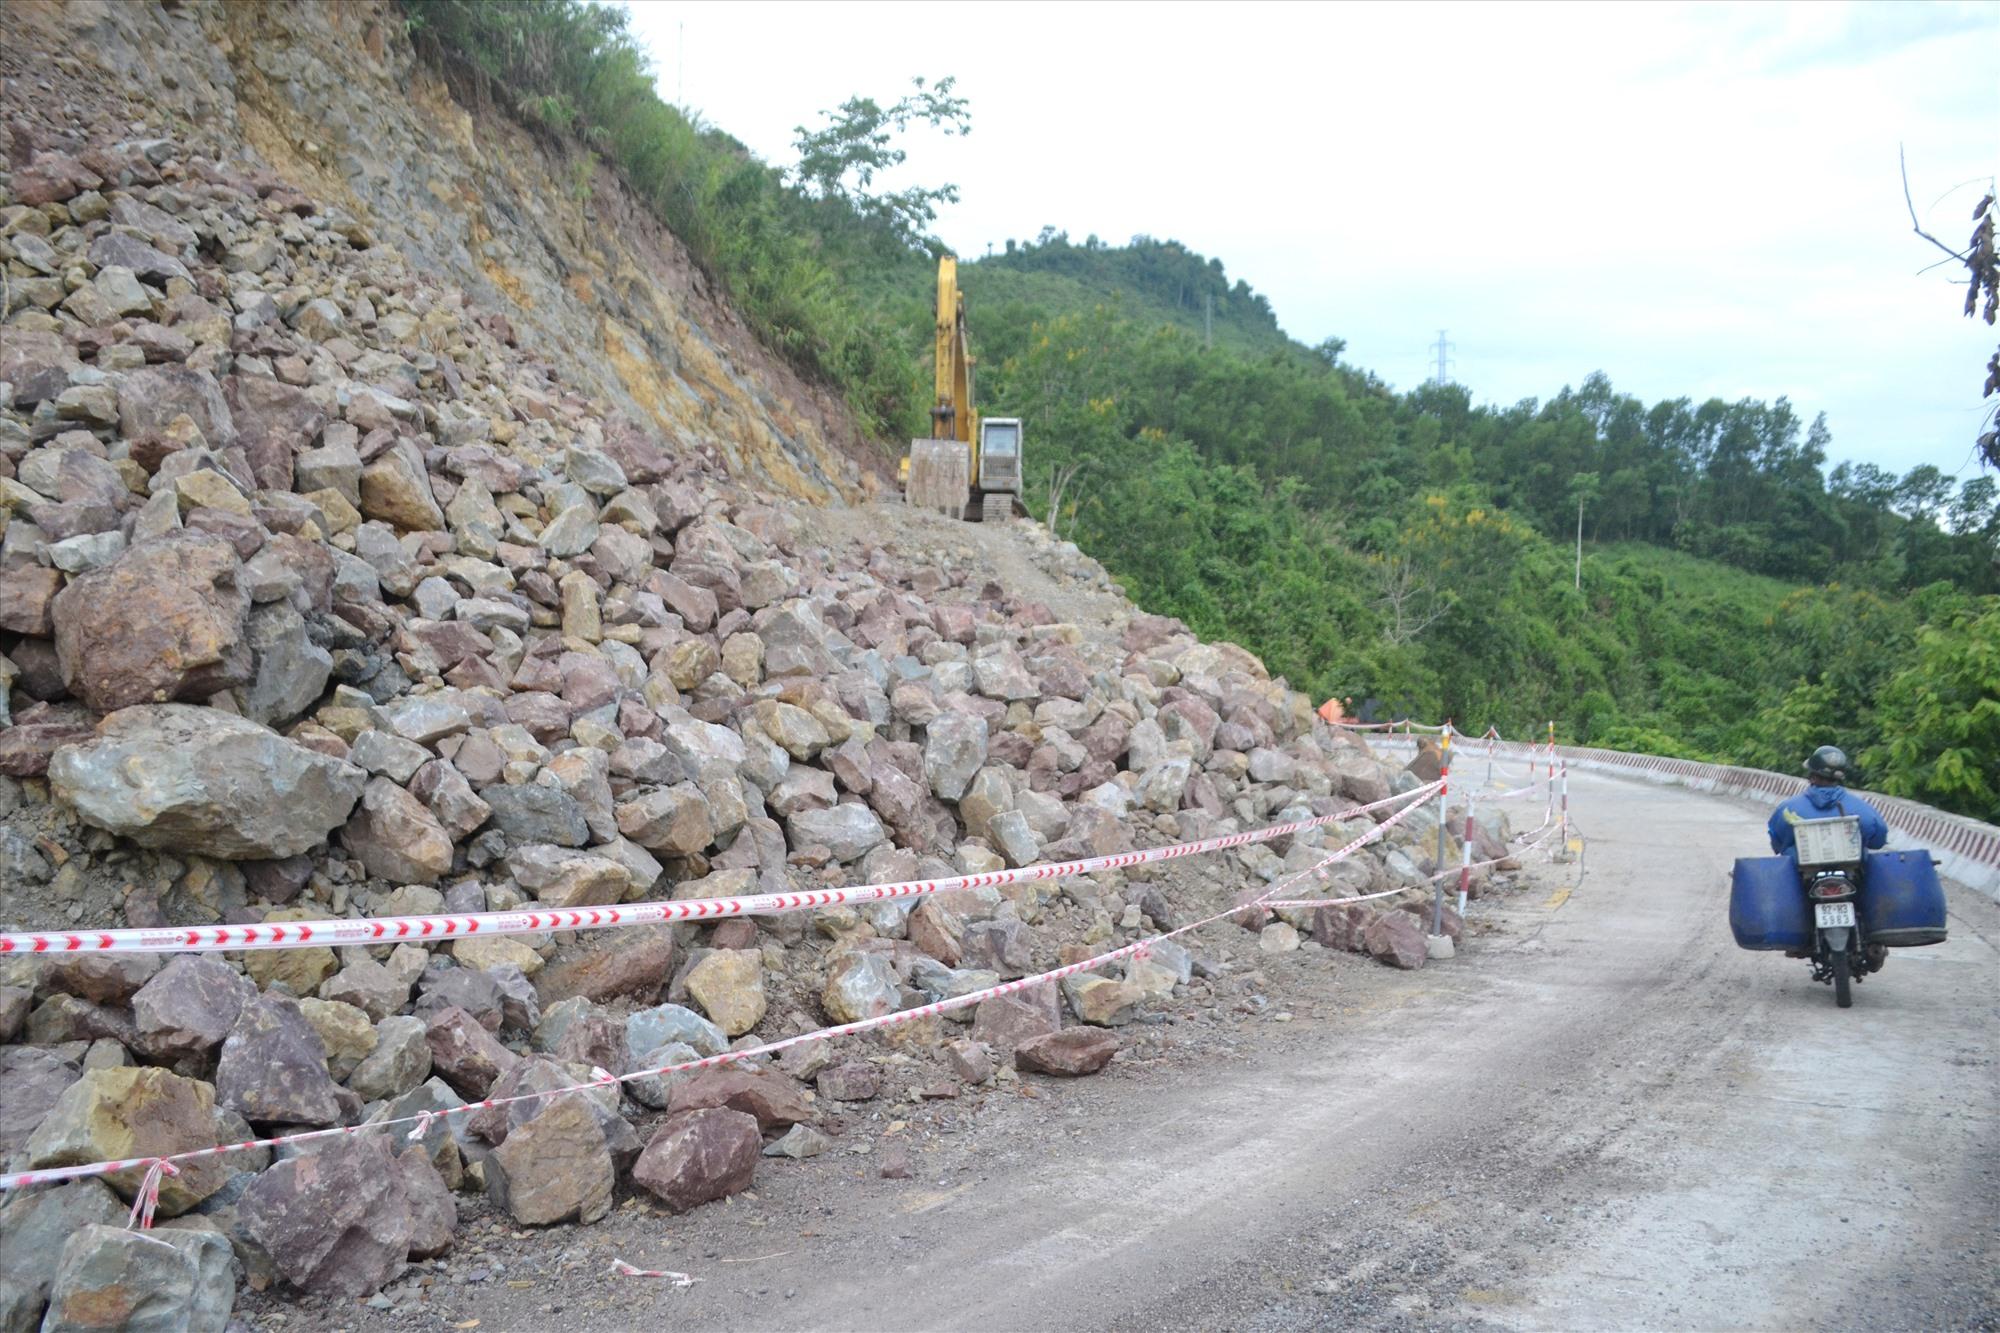 Một vị trí khuất tầm nhìn trên đường Hồ Chí Minh, đoạn qua thị trấn Thạnh Mỹ (Nam Giang) đang được cải tạo lại. Ảnh: CÔNG TÚ